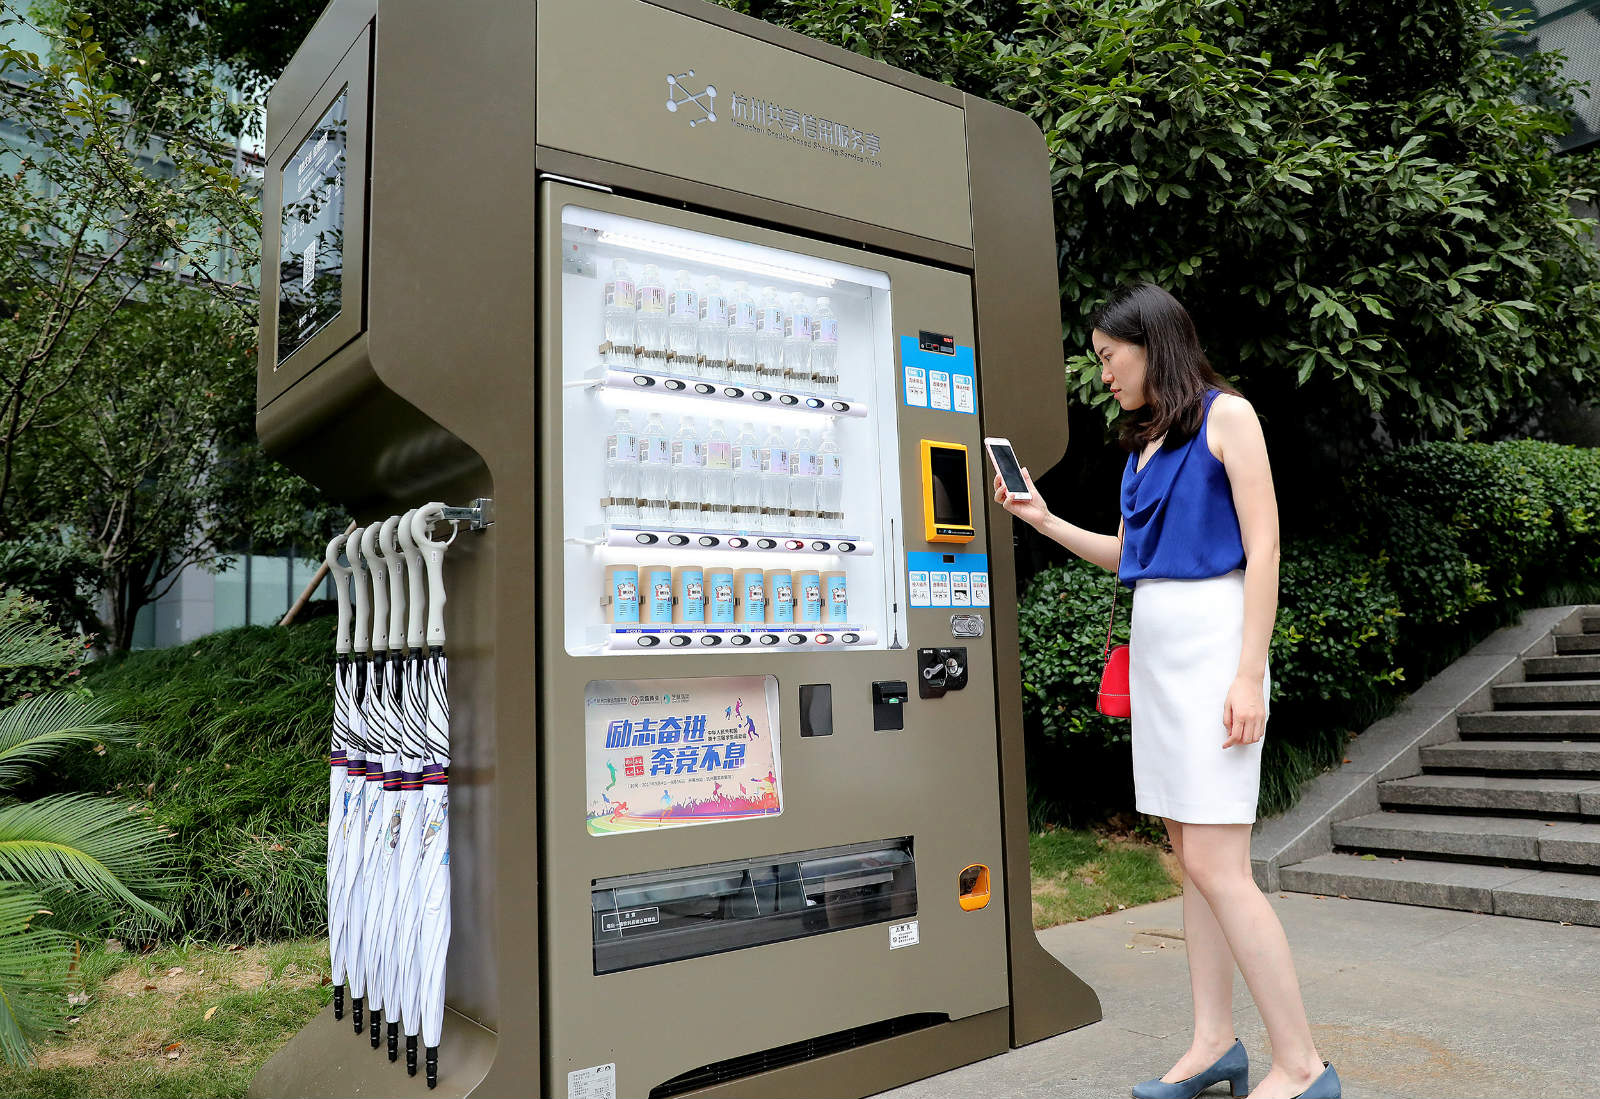 共享信用服务亭里,市民凭信用可买东西、借东西、办政务服务等_meitu_1